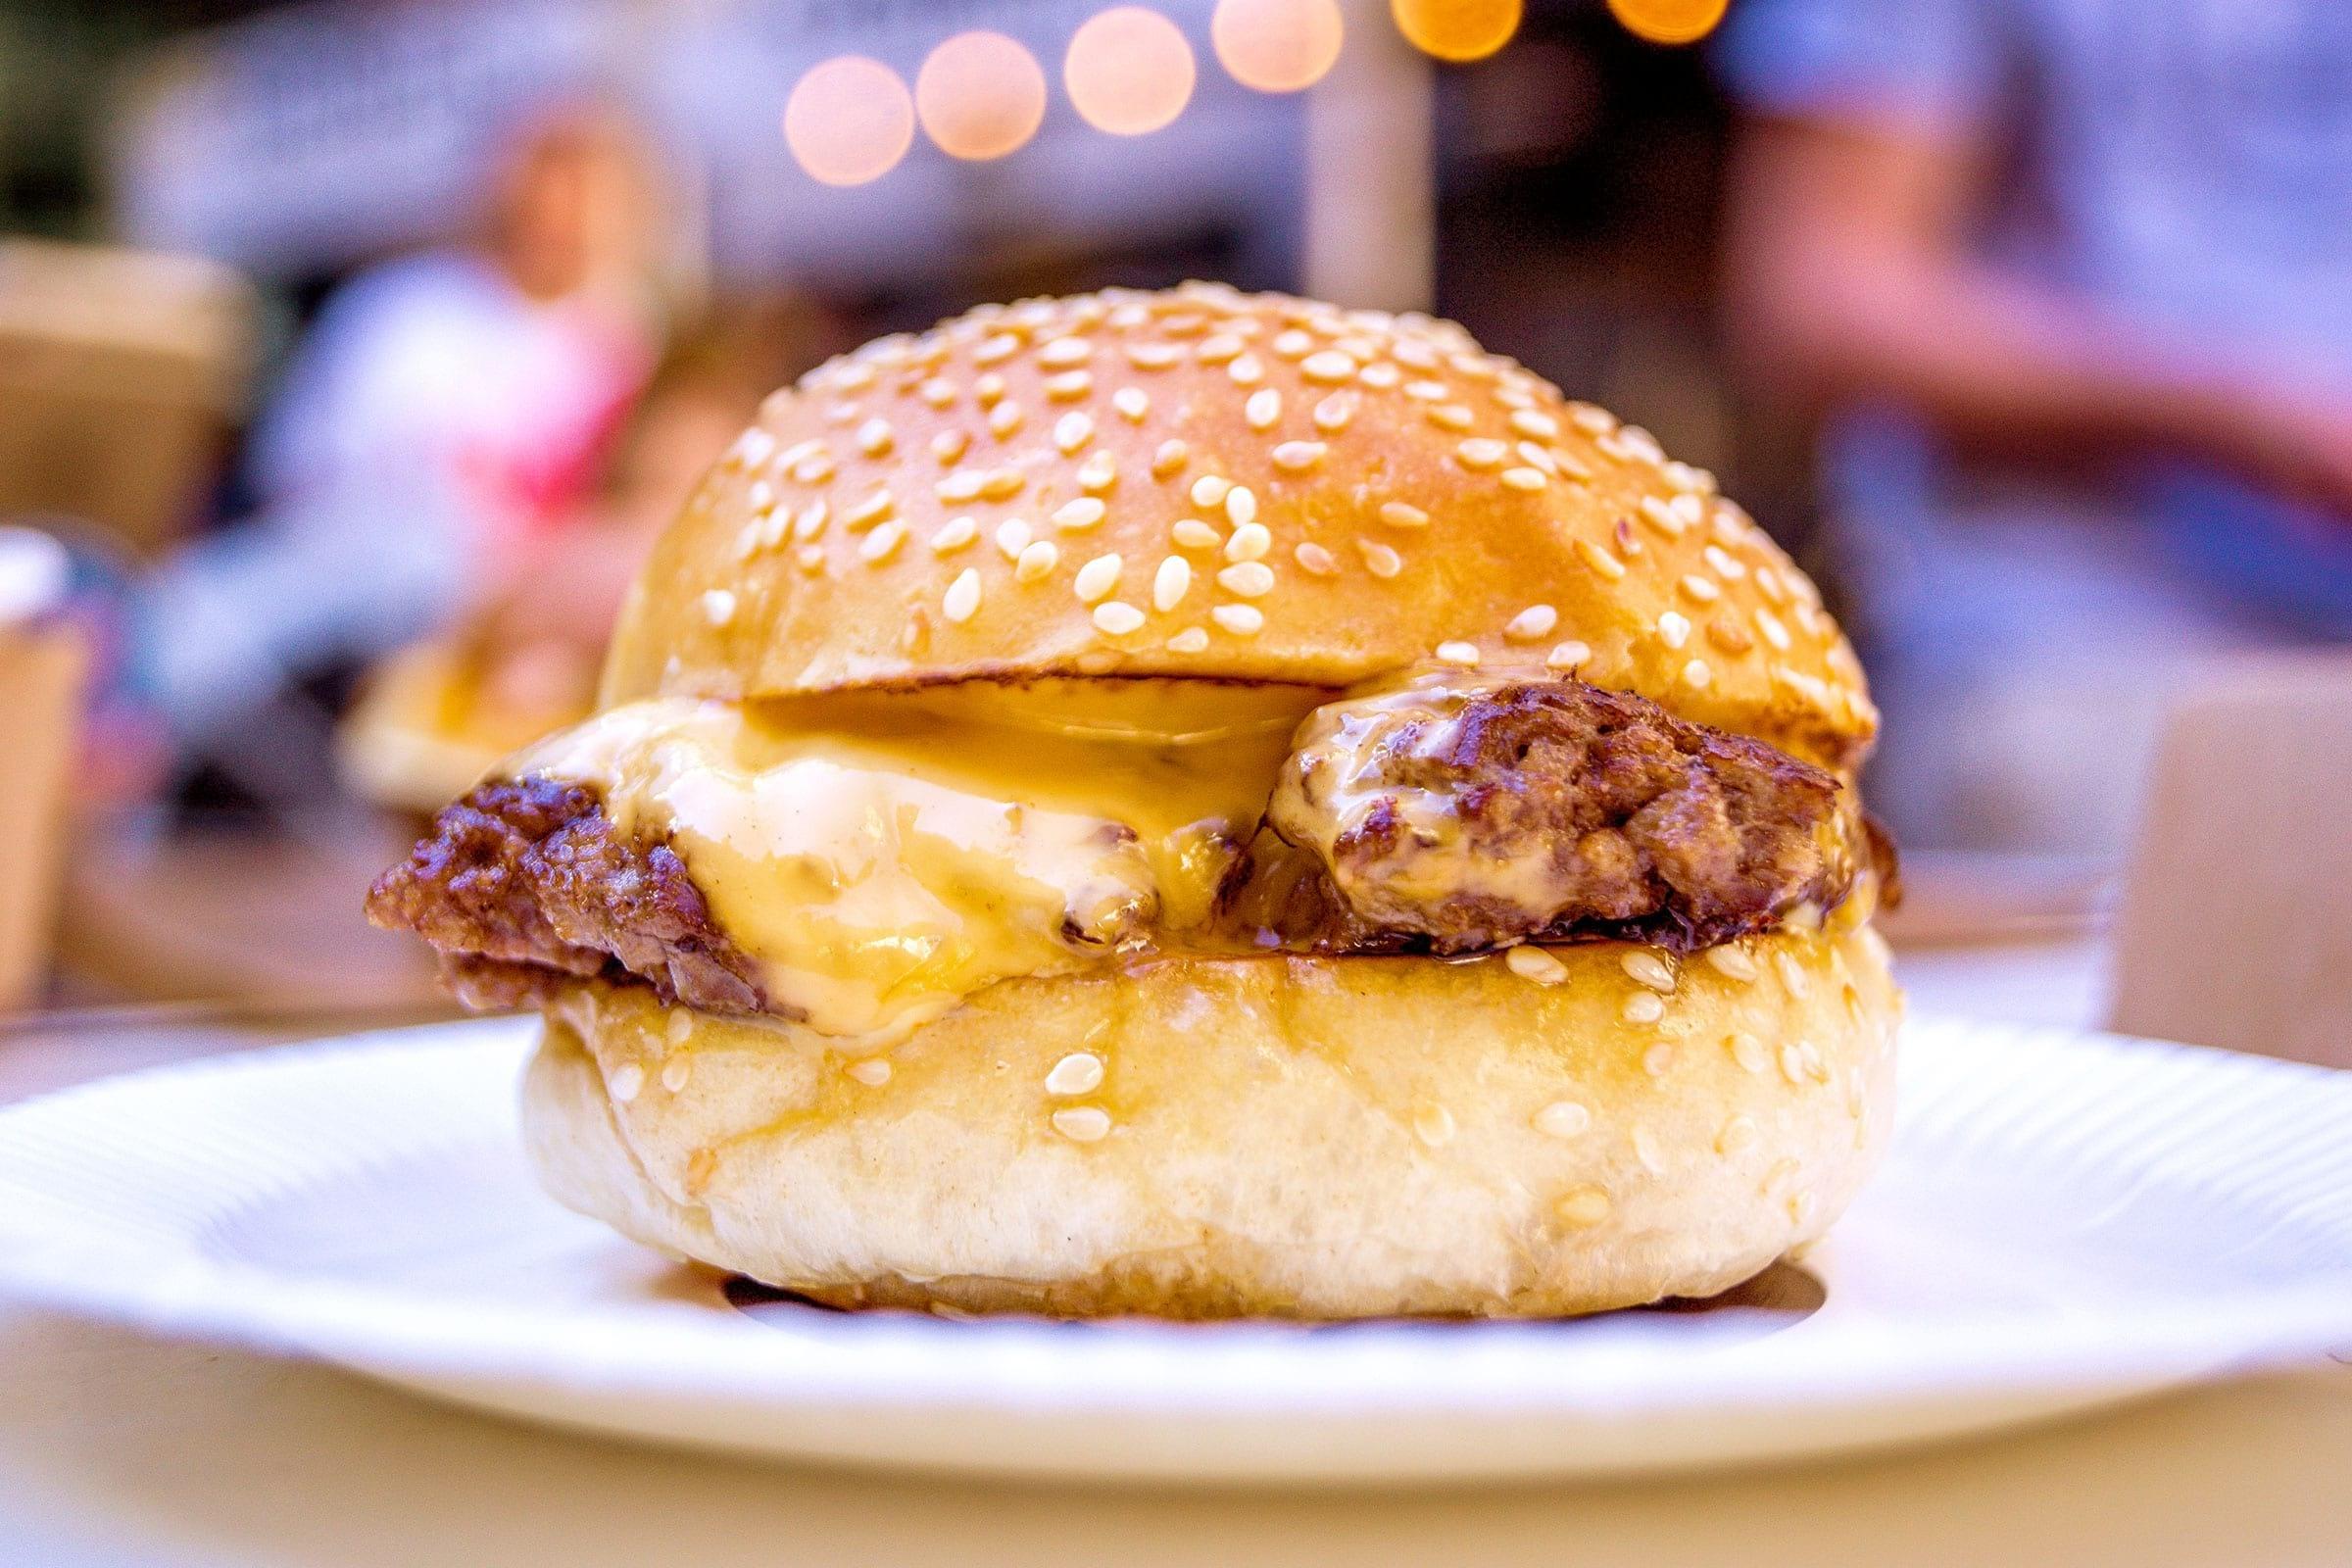 Foto: Burgerdudes